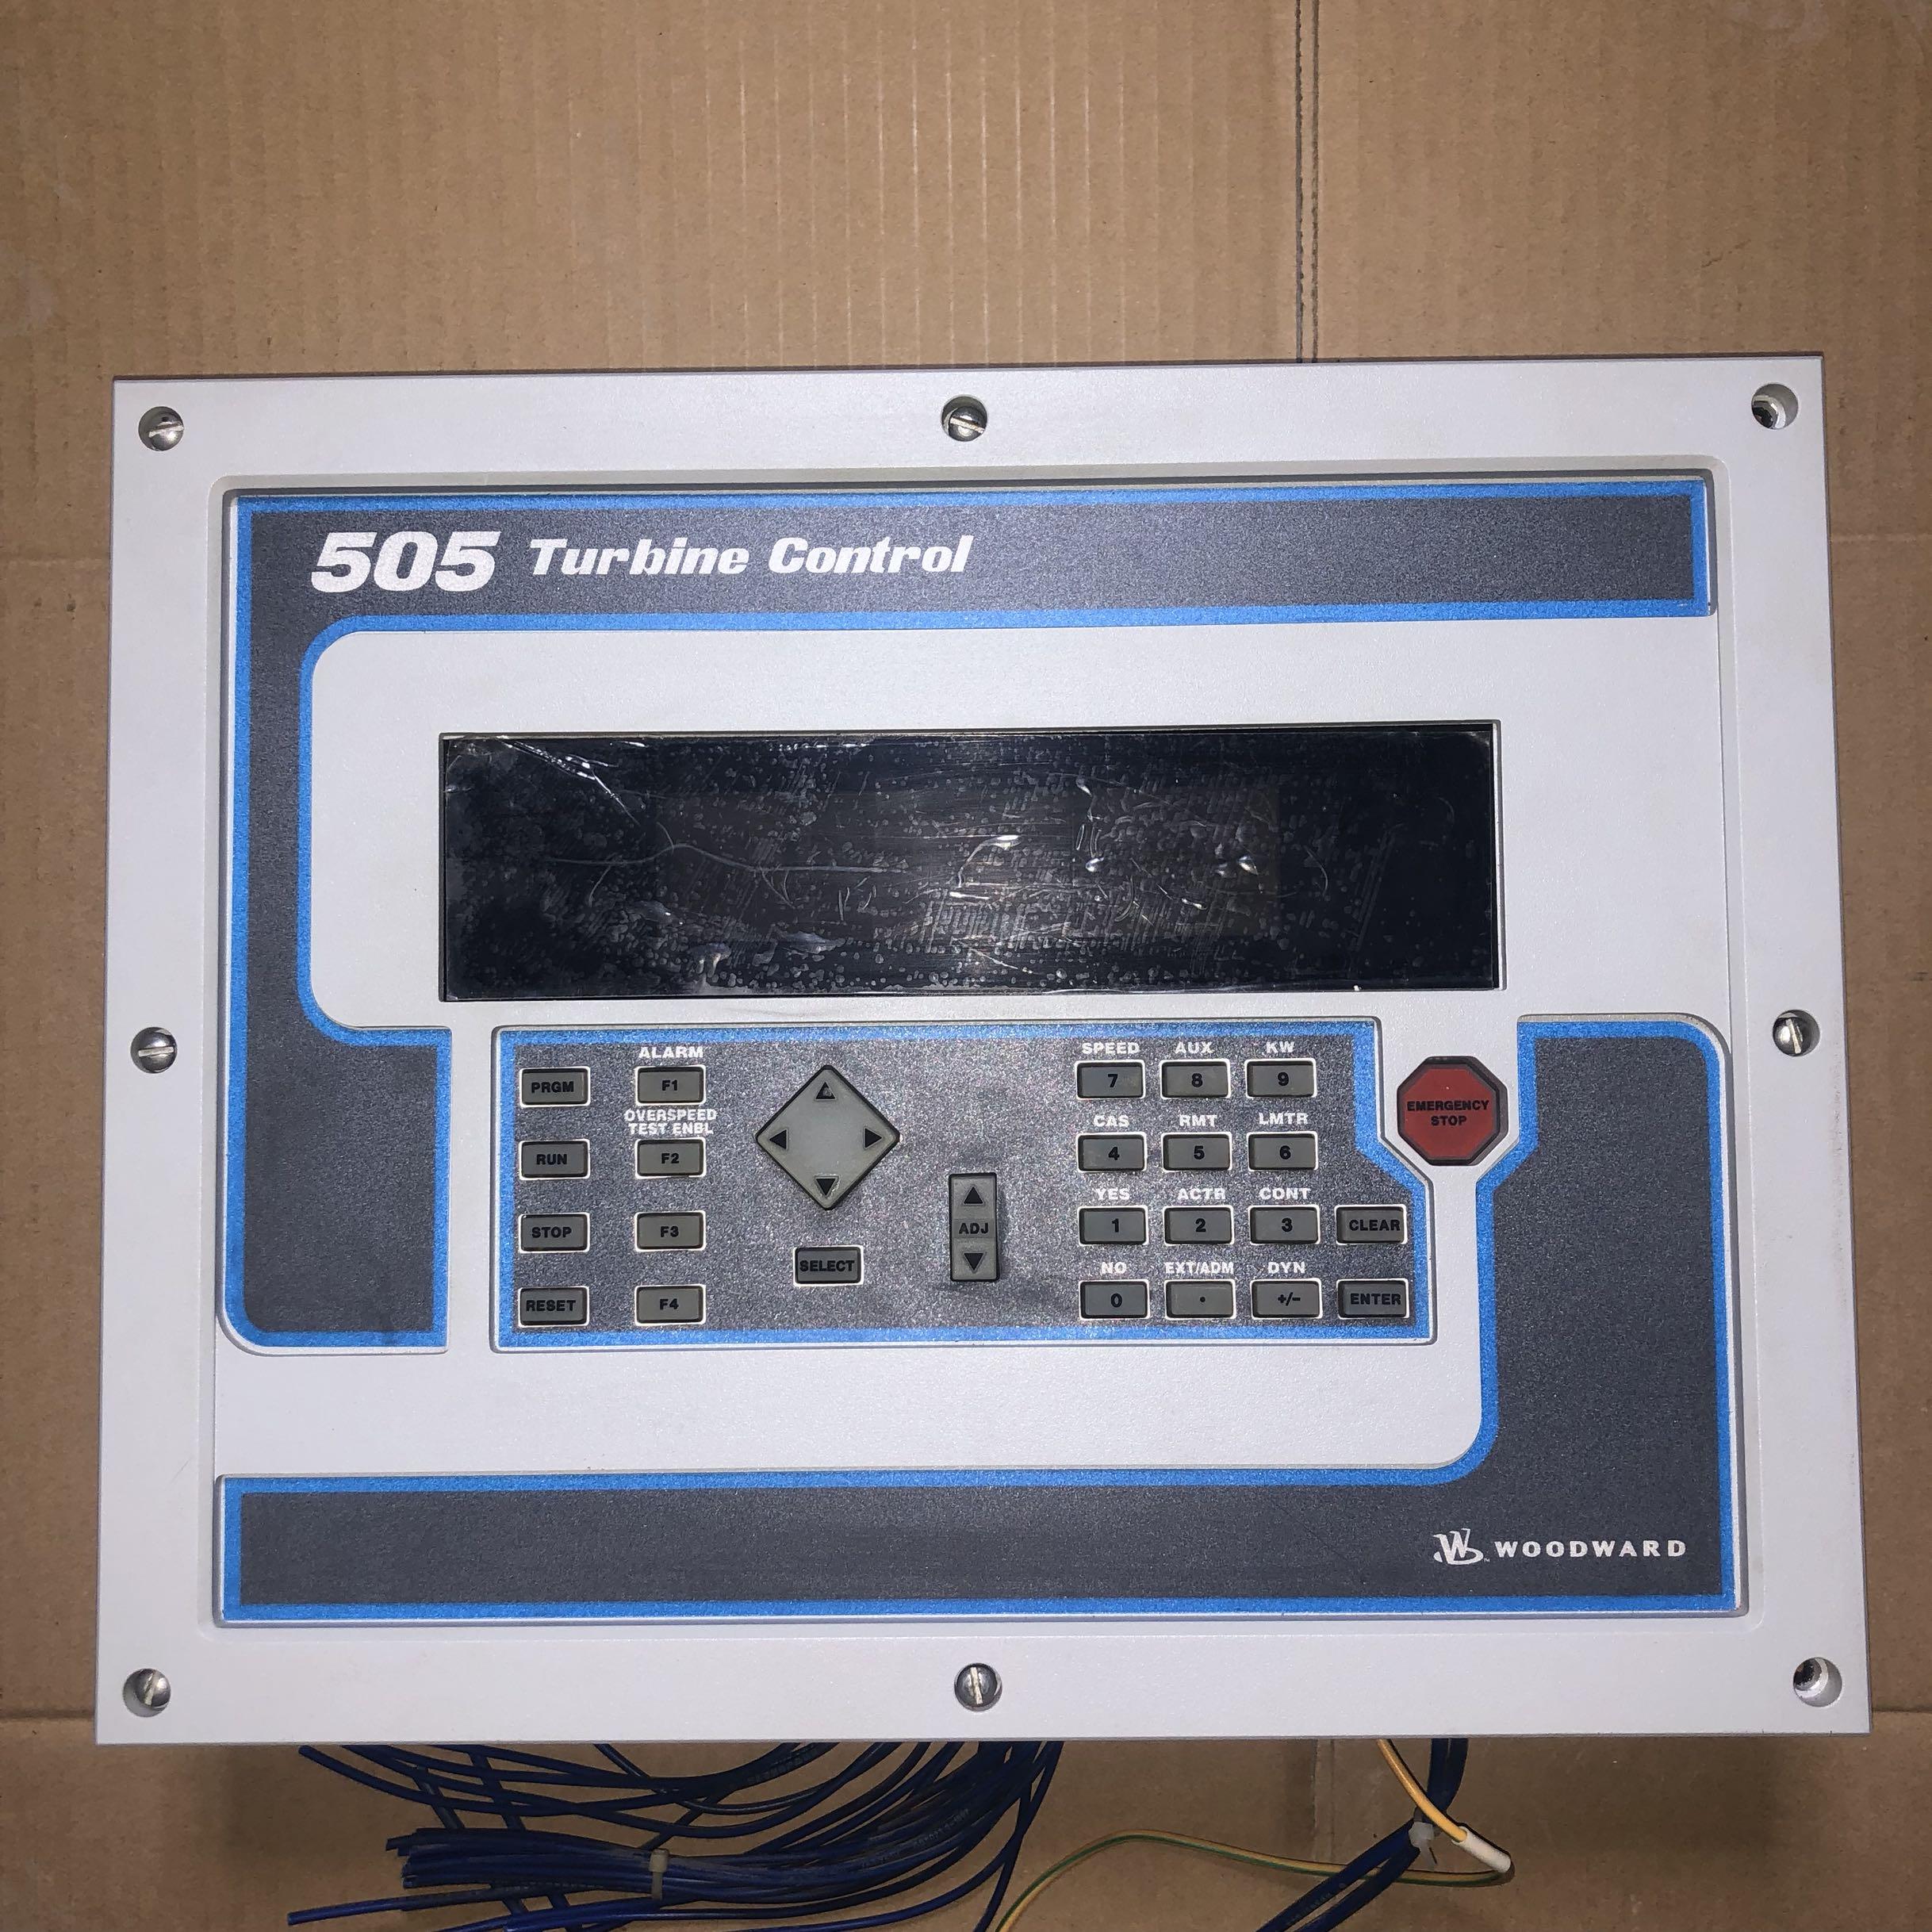 现金高价回收伍德沃德WOODWARD 9907-164 调速器 。 有货砸过来 本交易支持自提、当面交易、邮寄